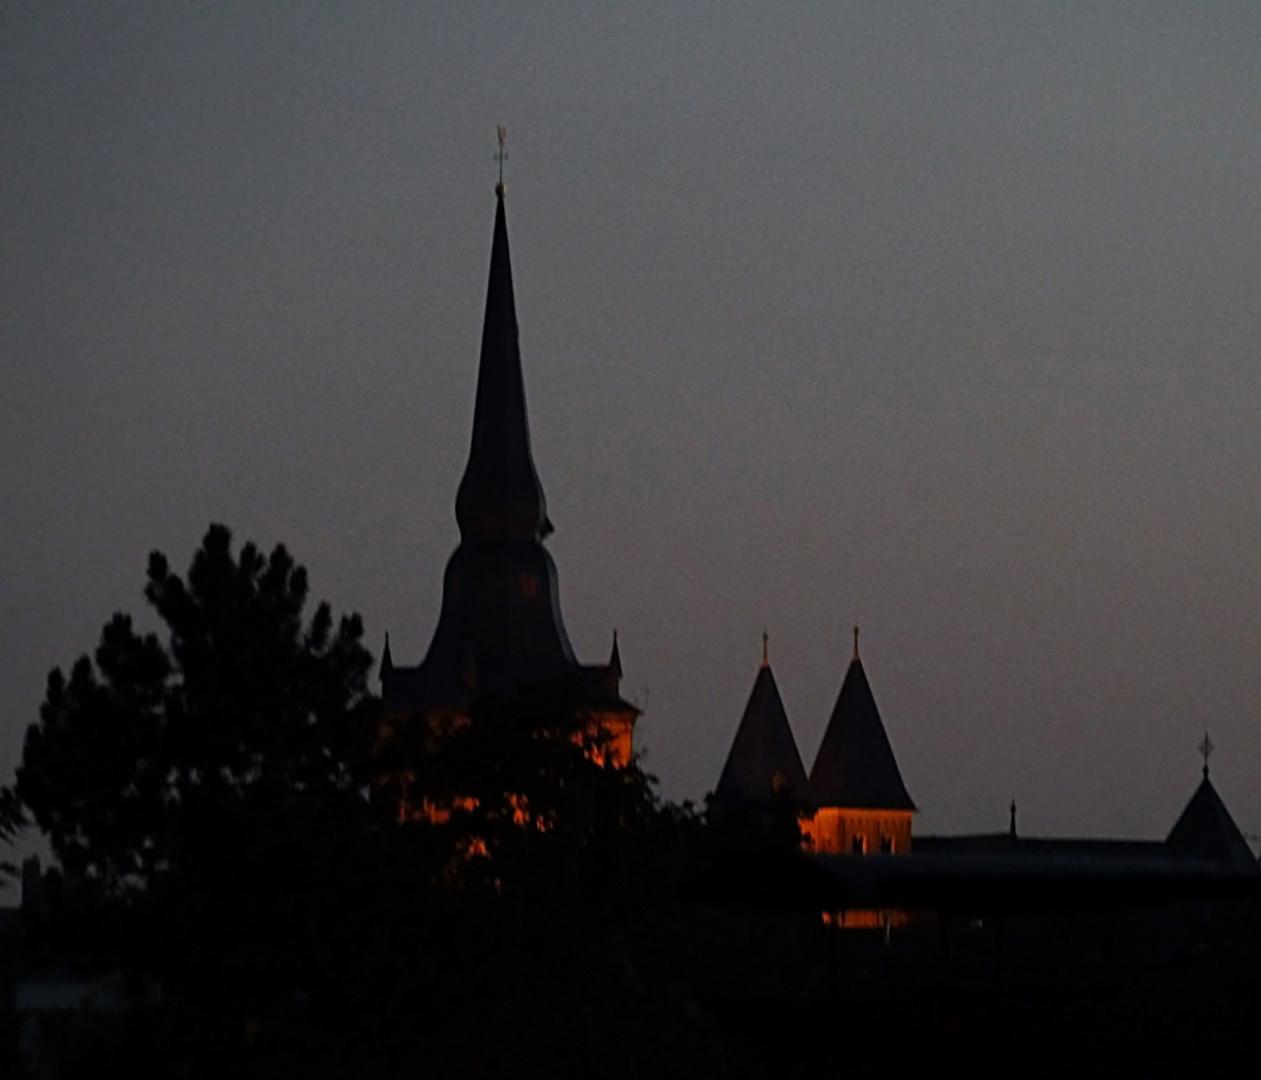 St. Peter und Paul in Ratingen